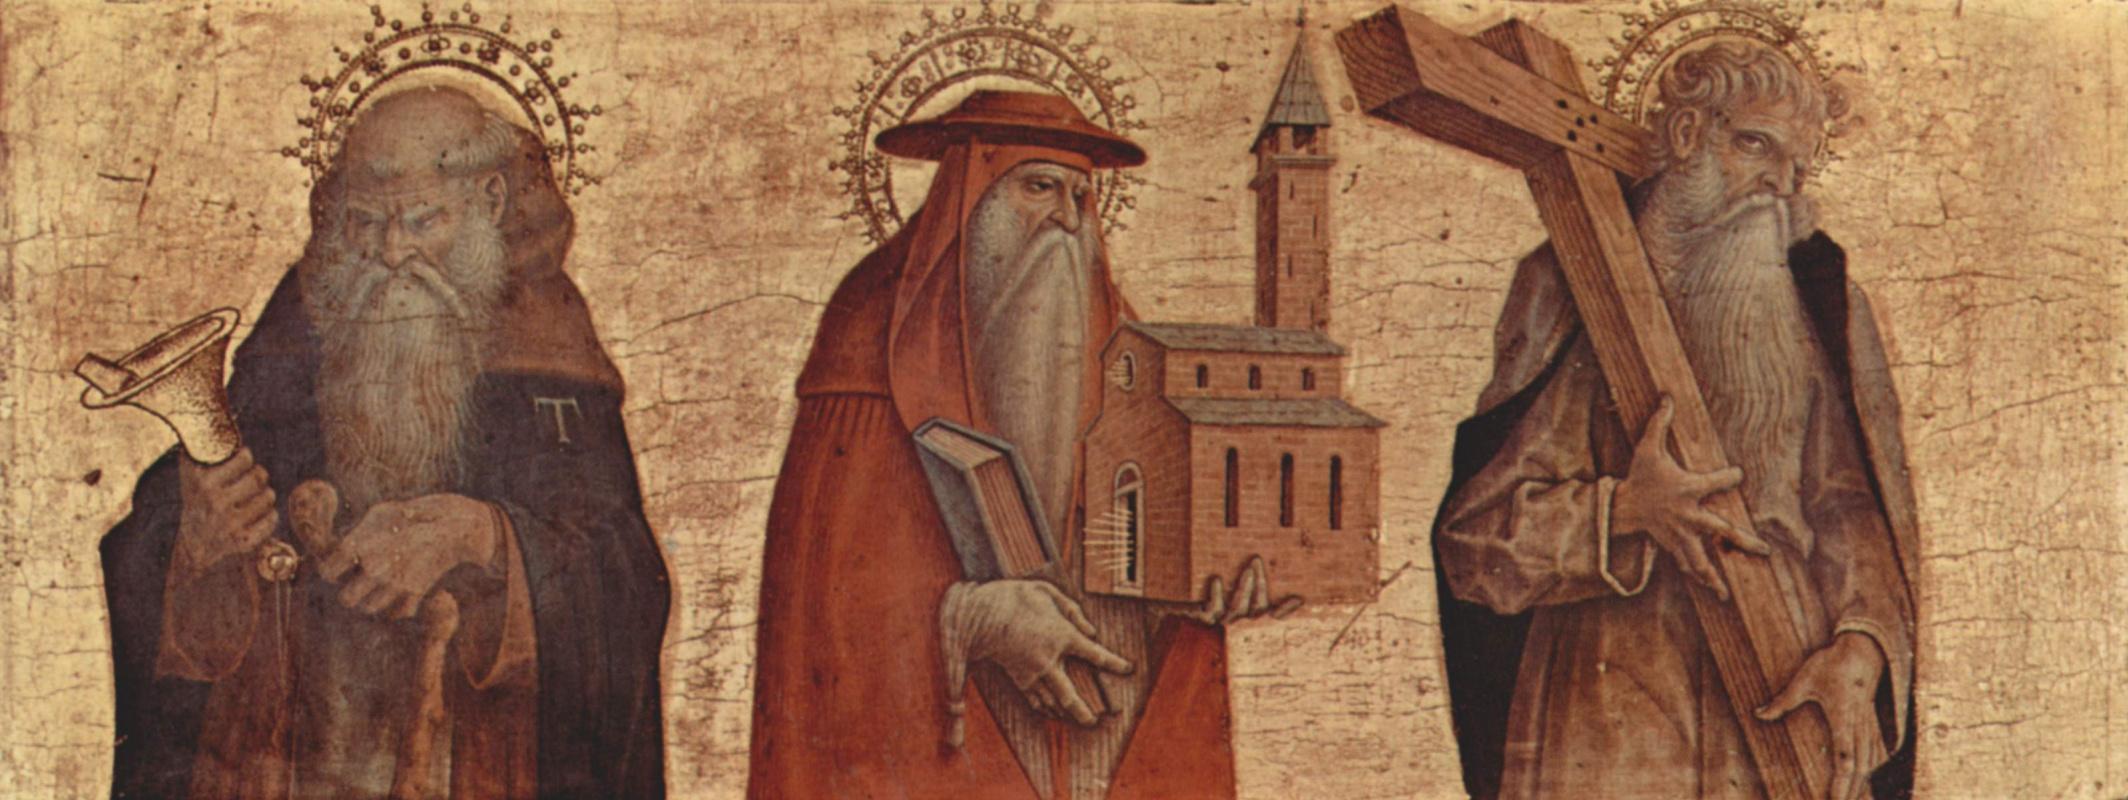 Карло Кривелли. Святой Антоний Аббат, Святой Иероним, Святой Андрей. Алтарный триптих, правая створка в основании алтаря